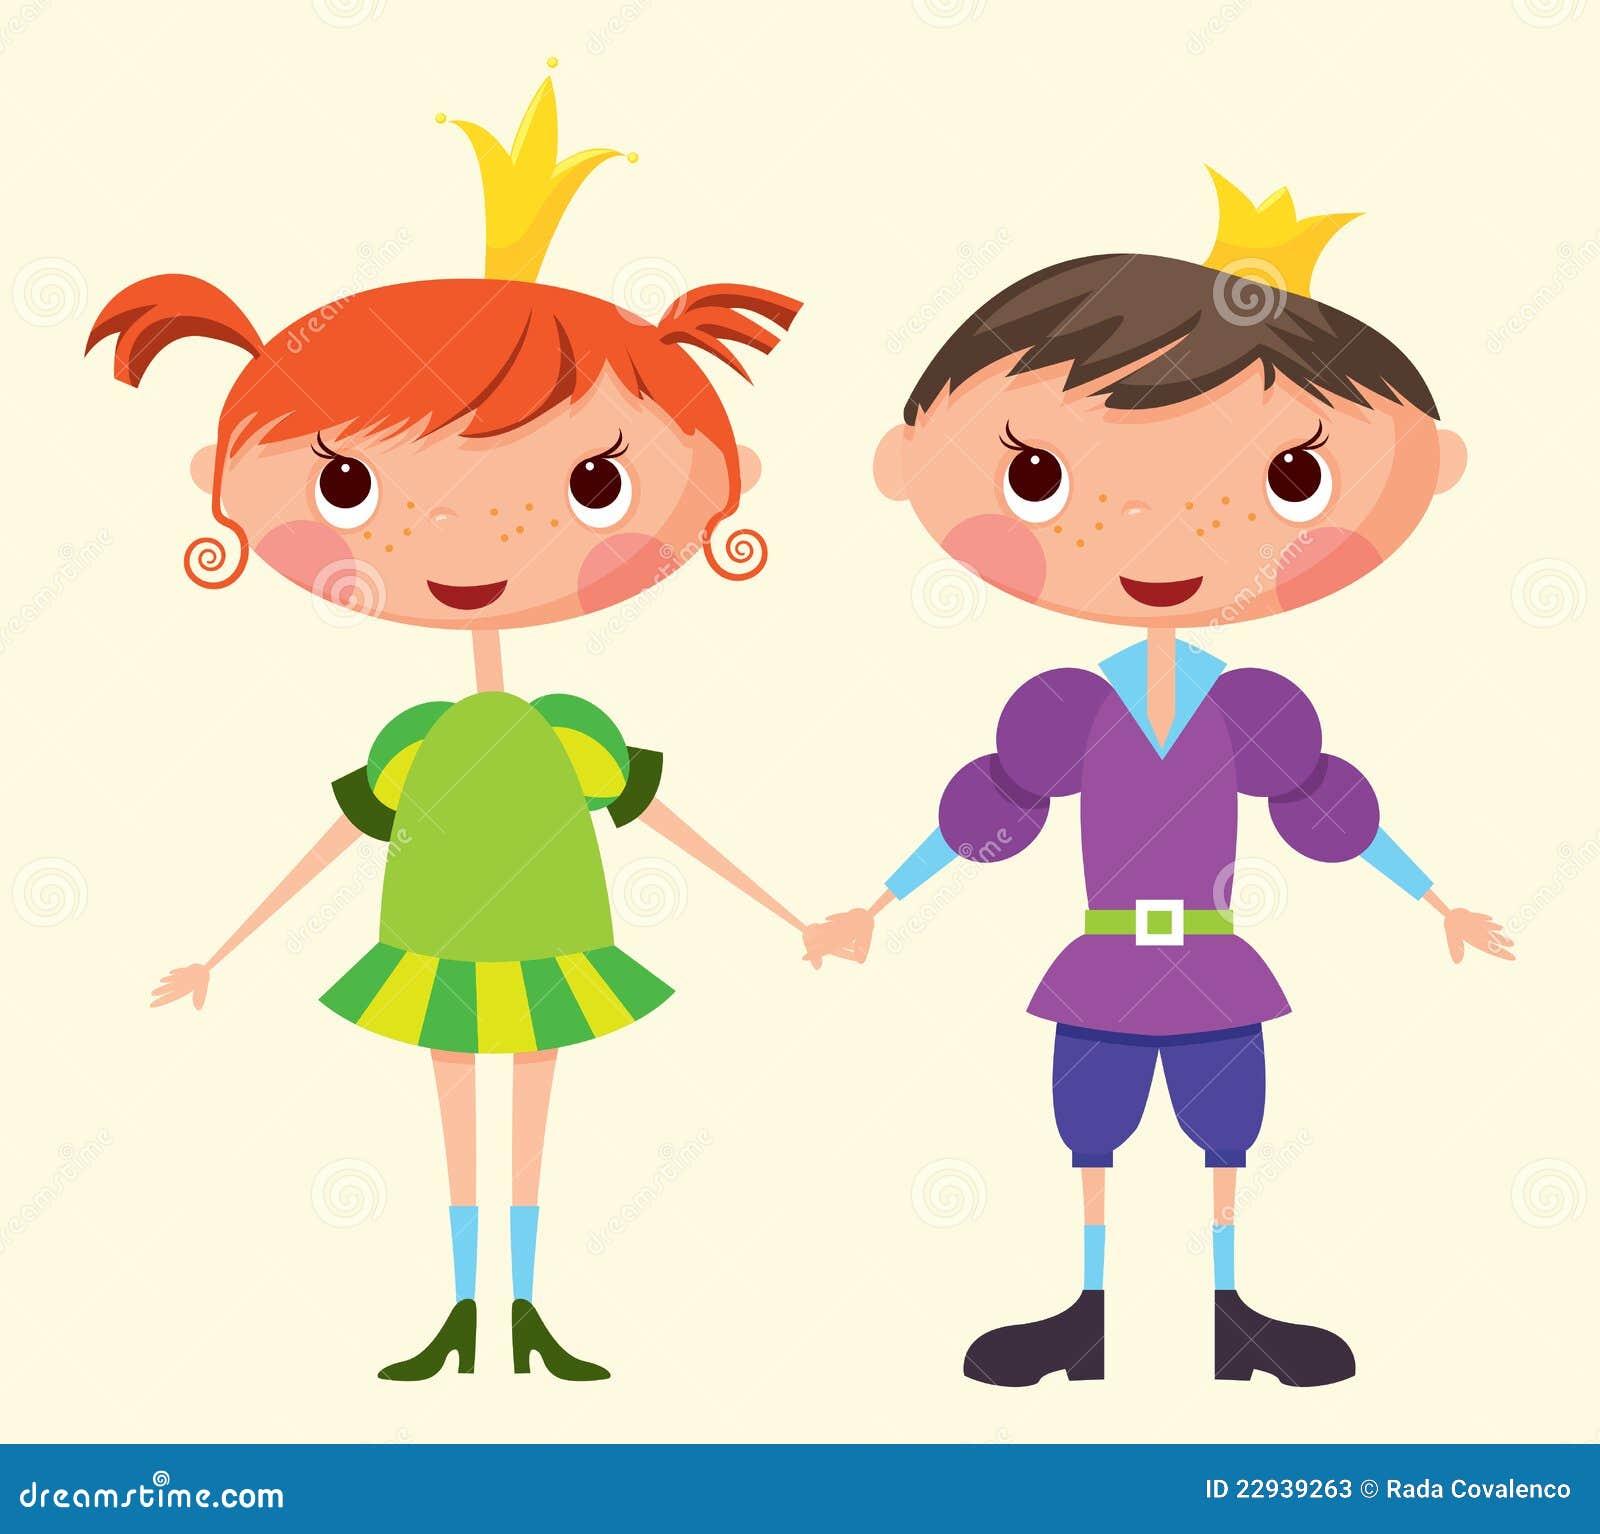 Prince et princesse illustration de vecteur illustration - Prince et princesse dessin ...